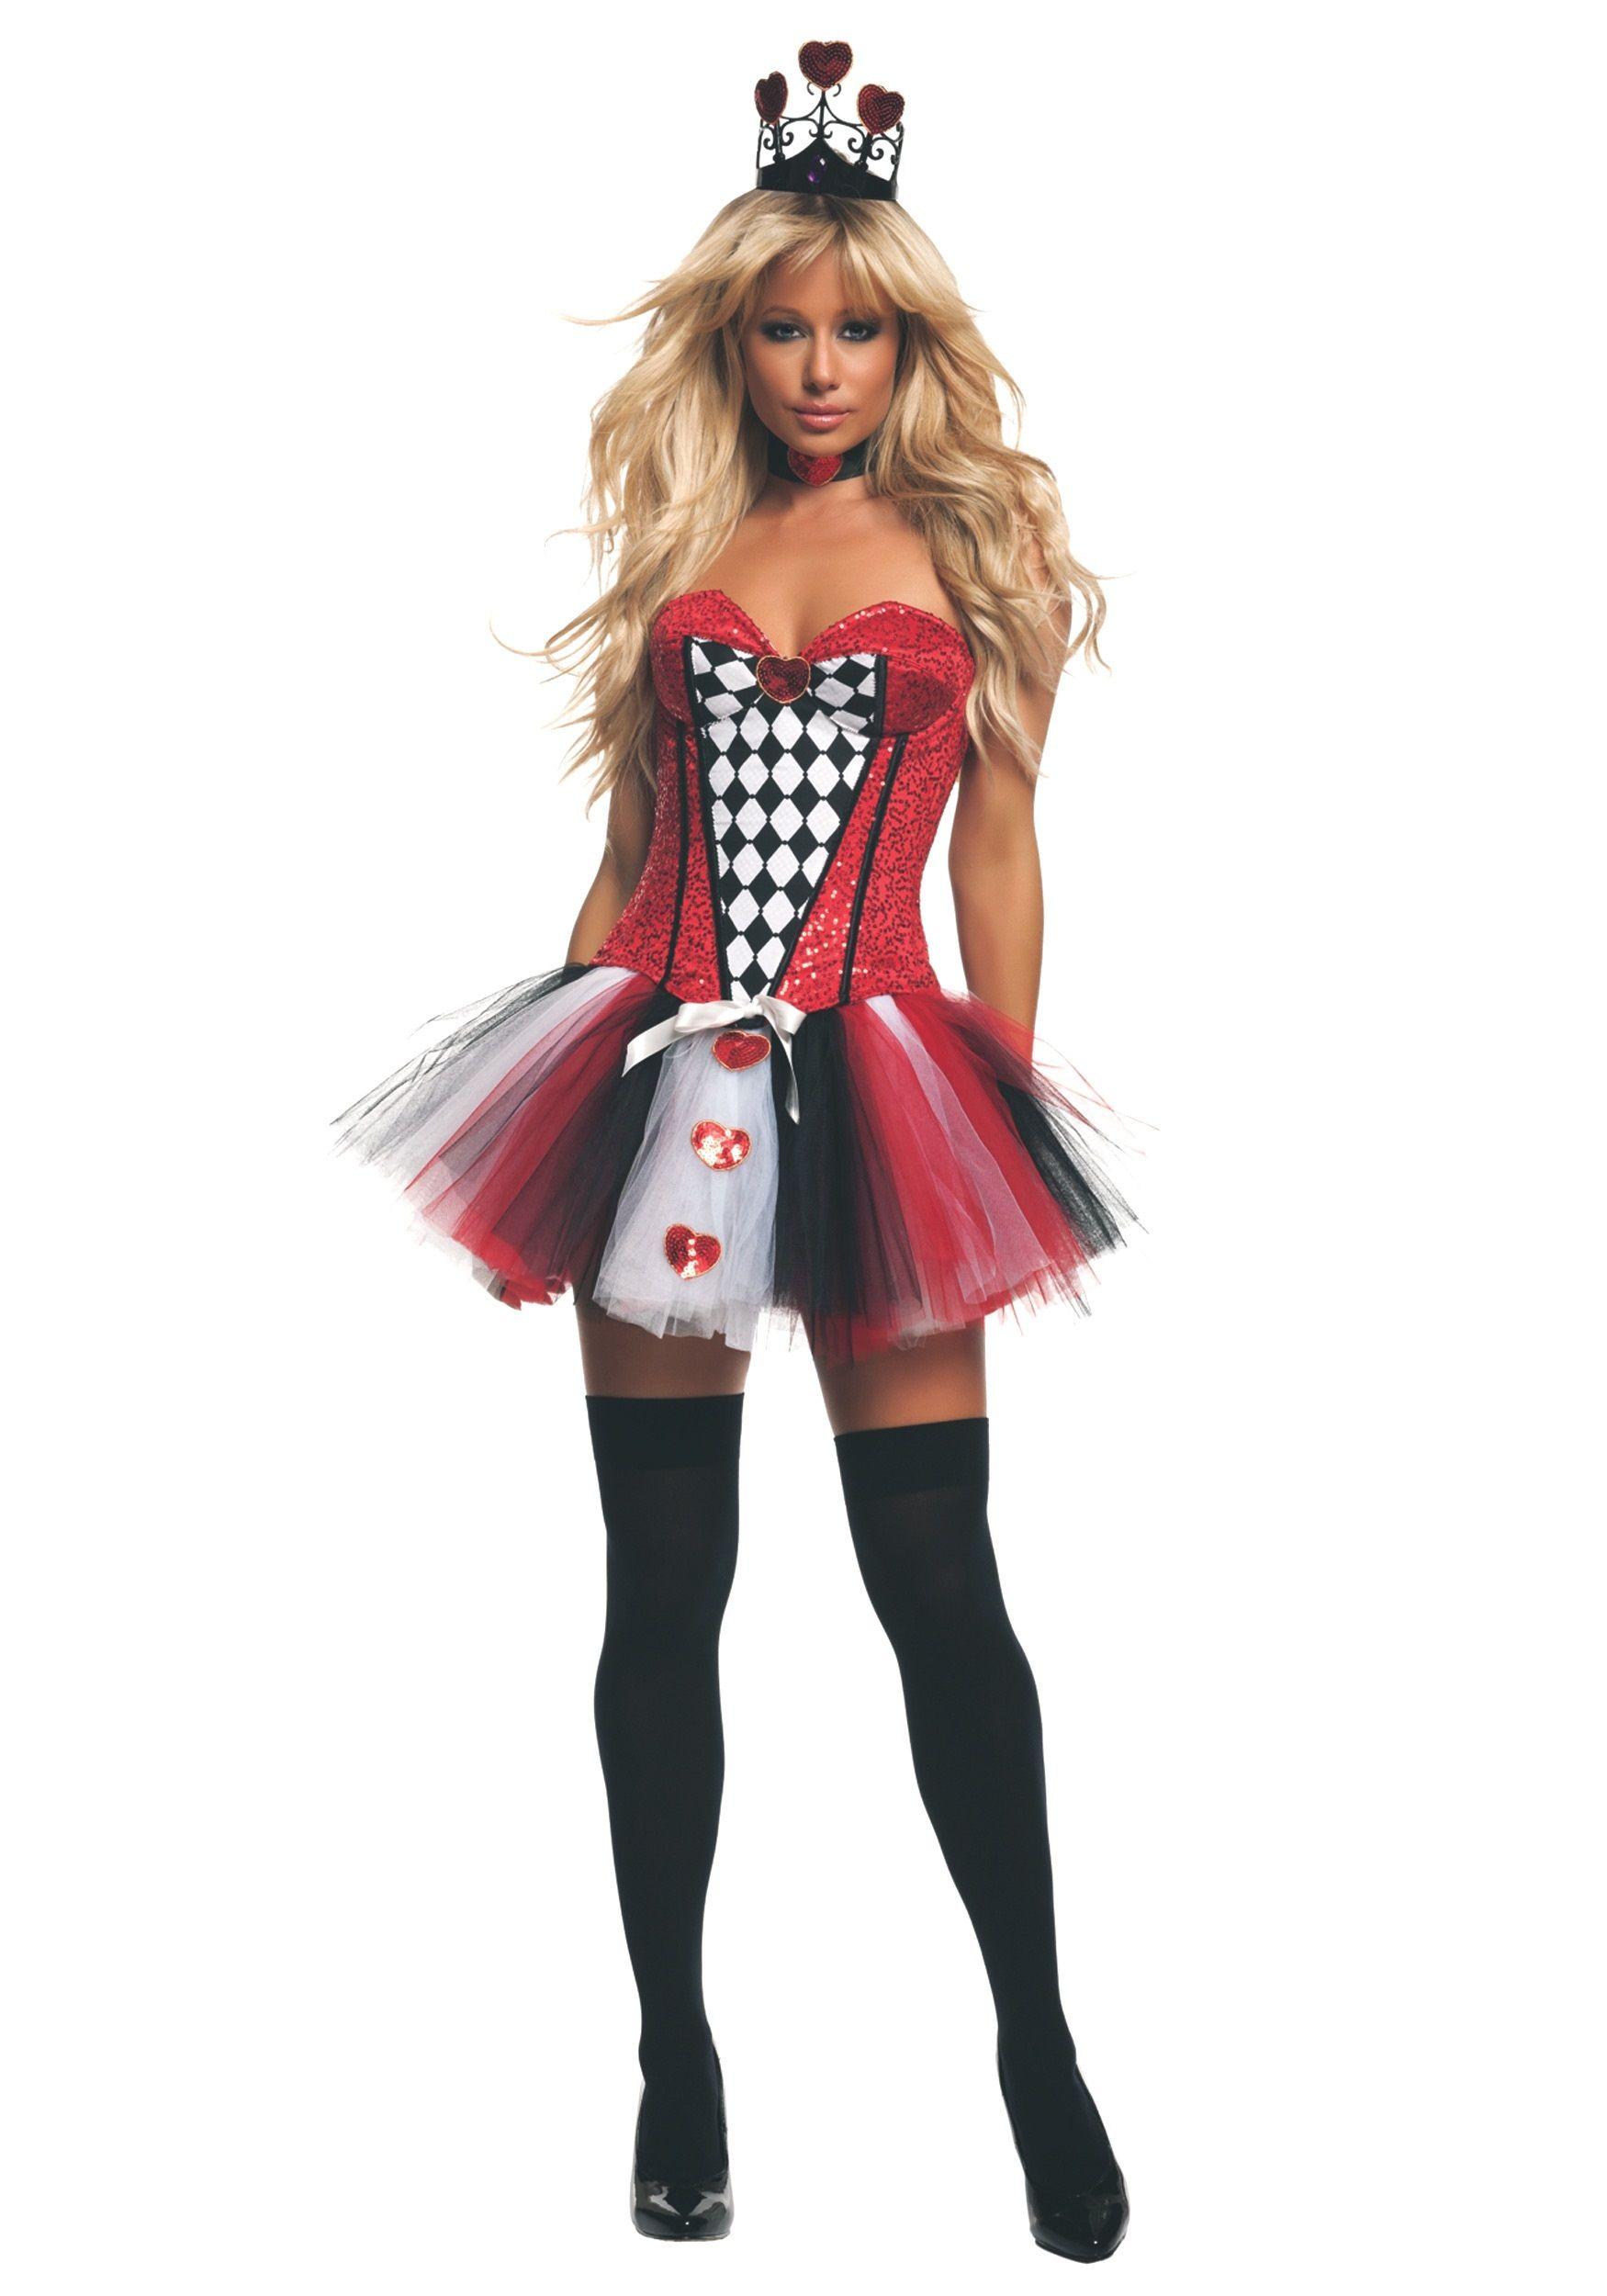 Sexy Queen of Hearts Costume | Halloween Costumes | Pinterest ...